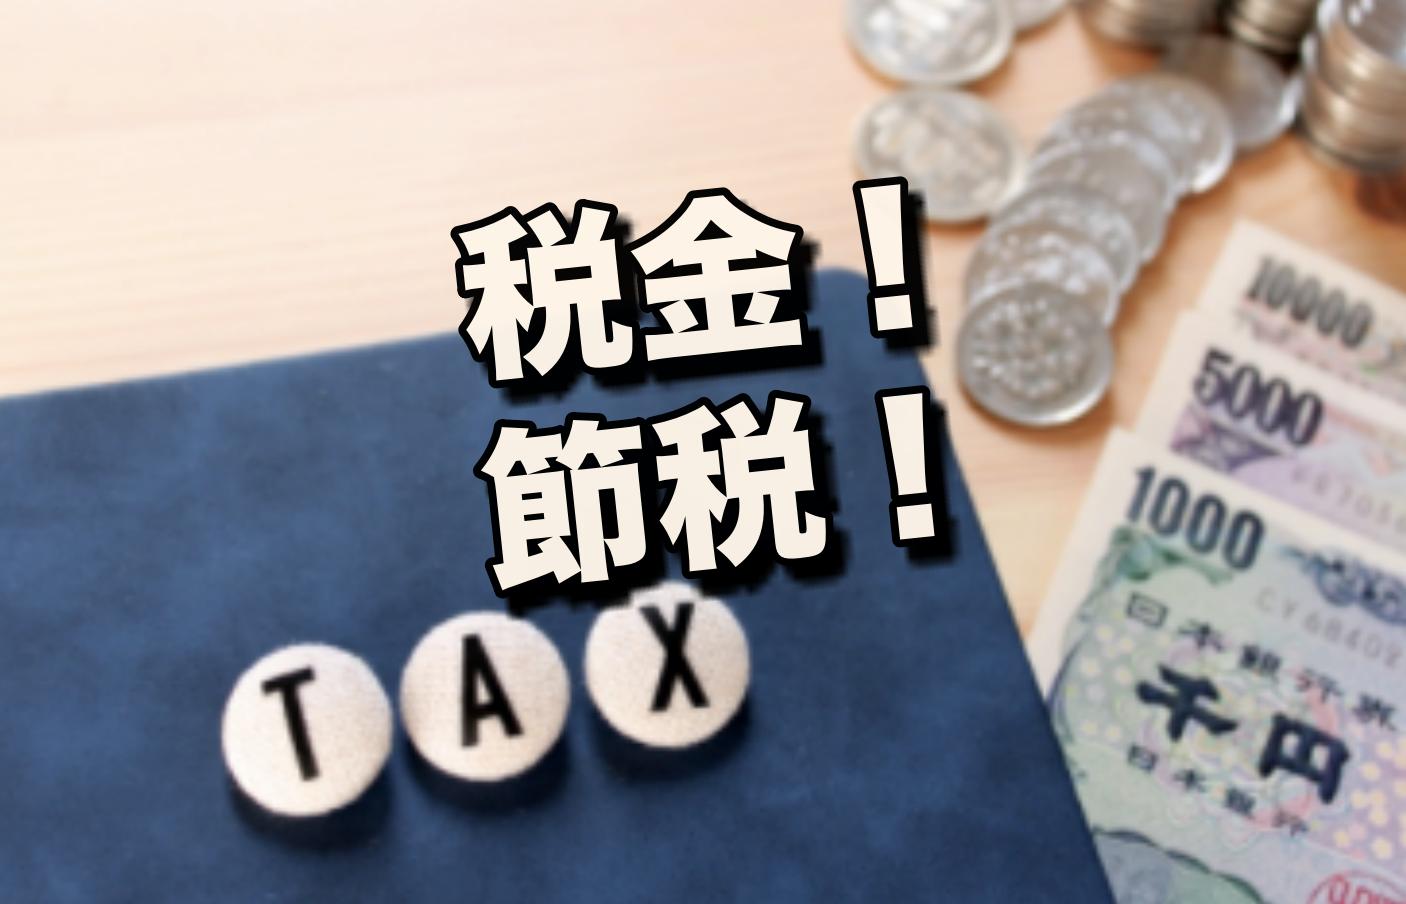 【資産形成】納税の季節ですね